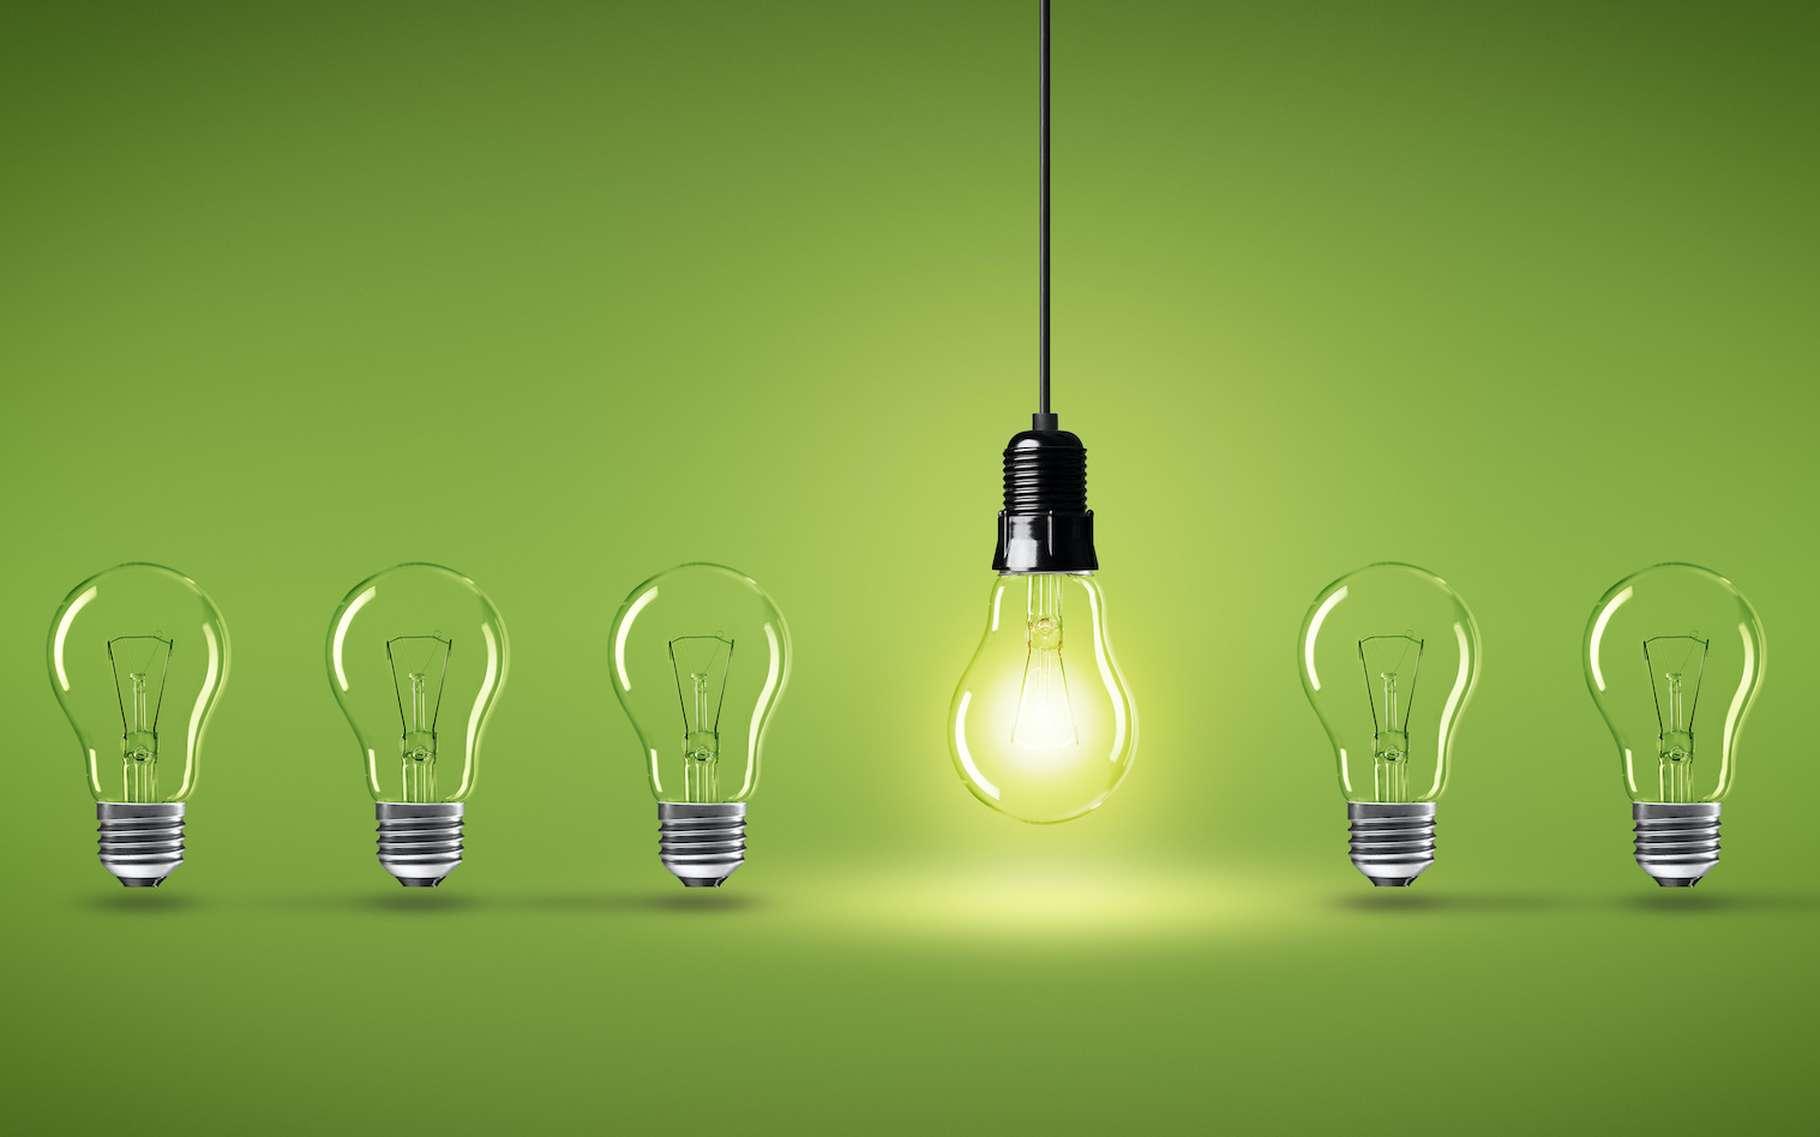 En 2019, la consommation d'électricité en France était de 470 TWh. En 2050, elle sera, selon une note de l'Académie des technologies, d'au moins 750 TWh. © Coloures-Pic, Adobe Stock